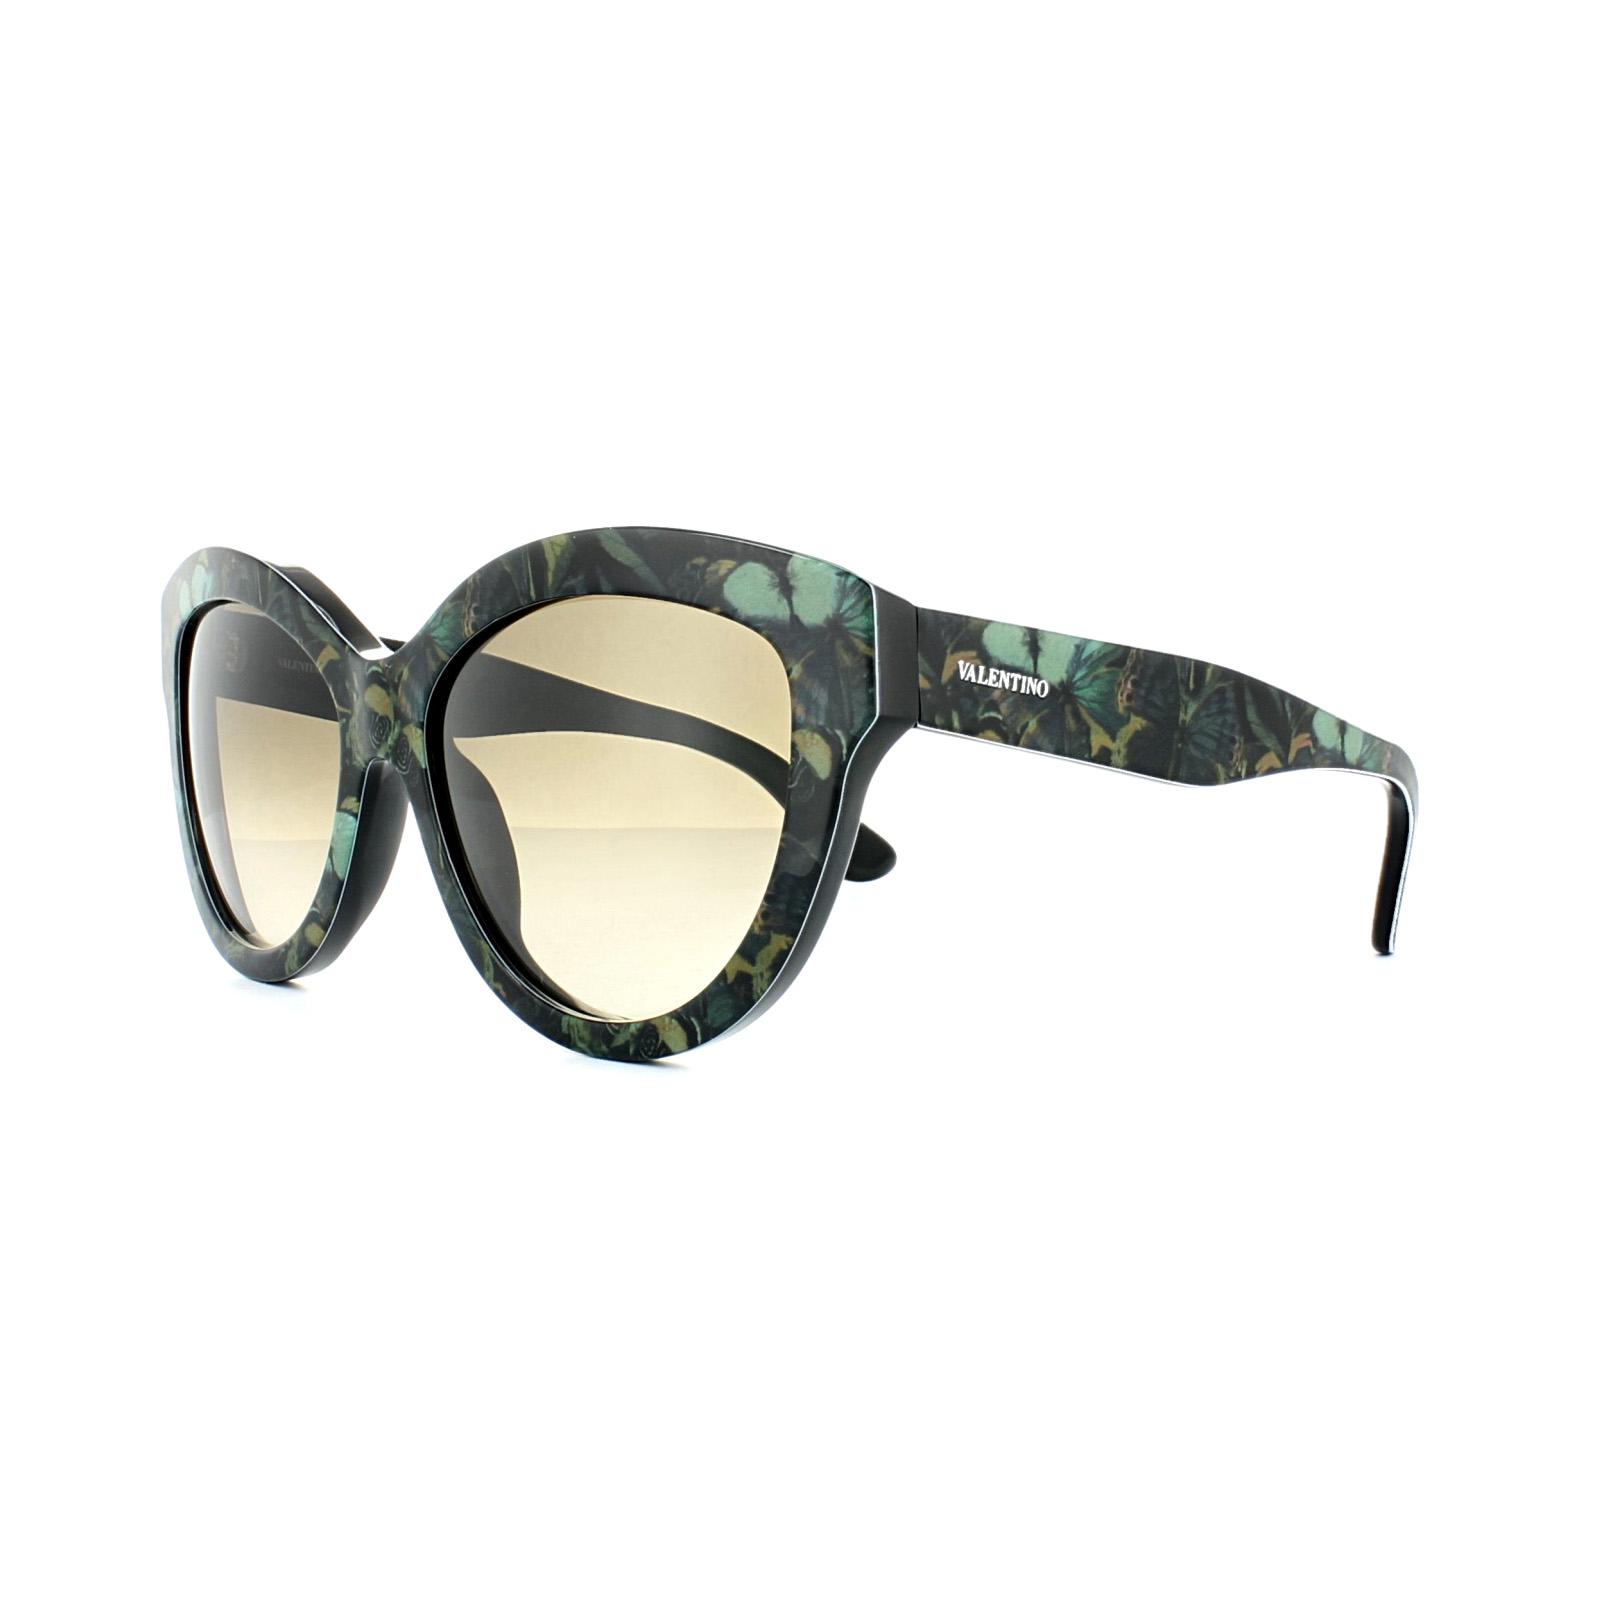 b9e6f29a57328 Cheap Valentino V719SB Sunglasses - Discounted Sunglasses